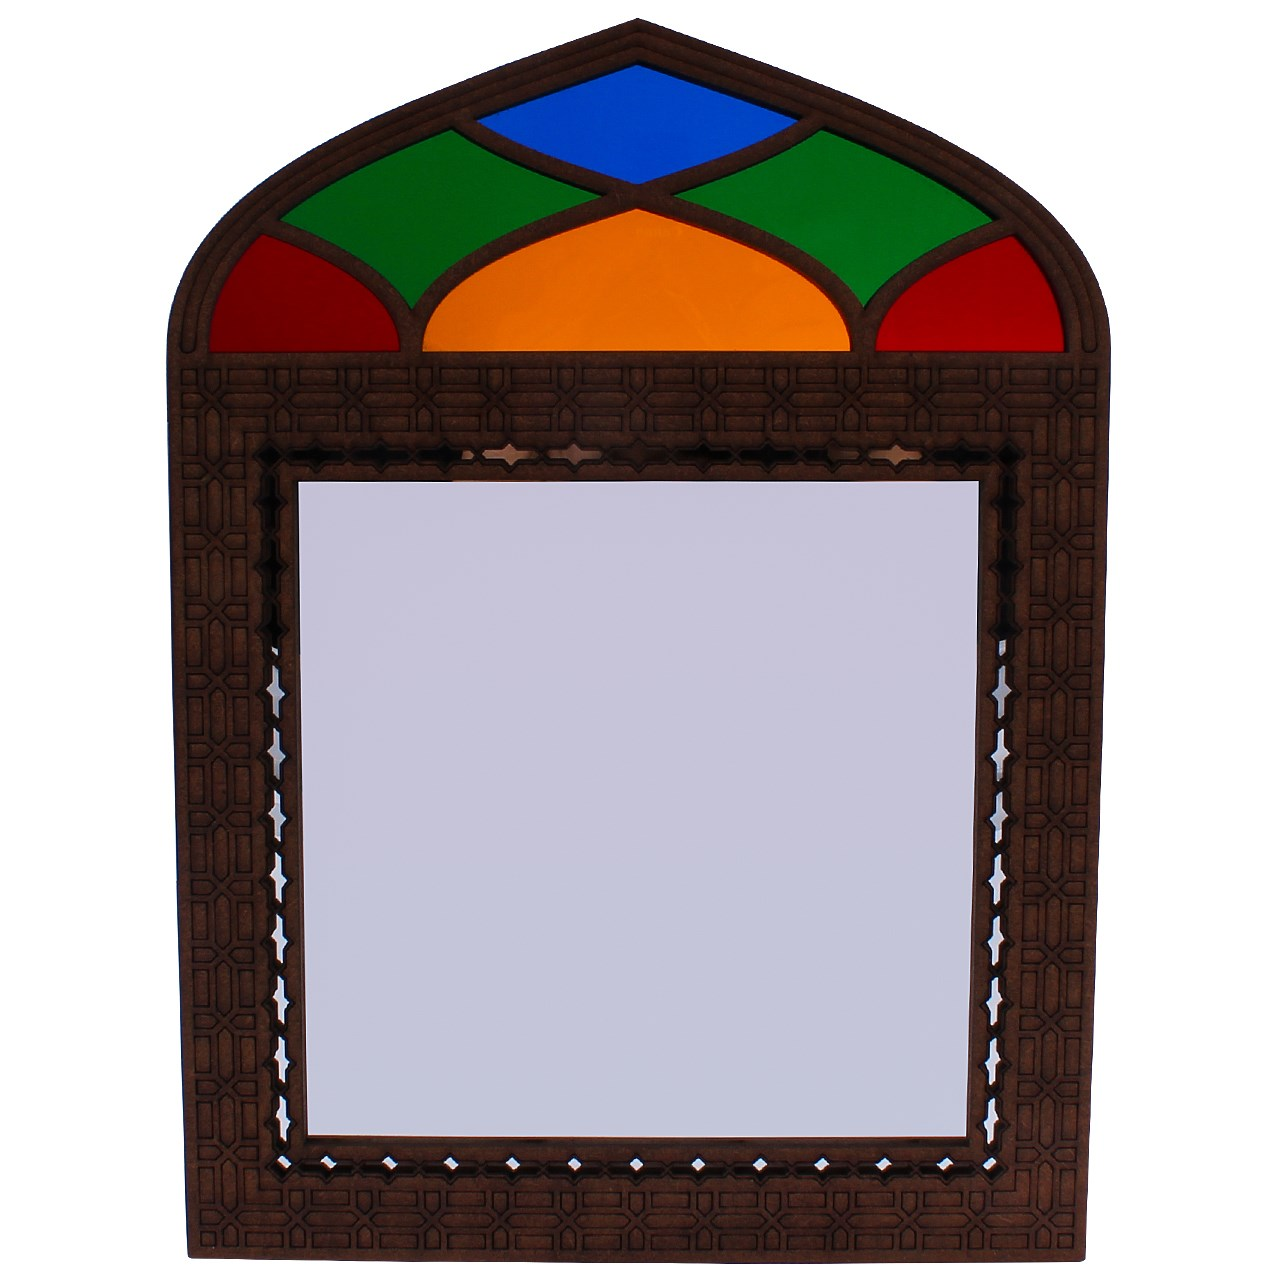 آینه دکوراتیو وندا مدل عالی قاپو سایز کوچک